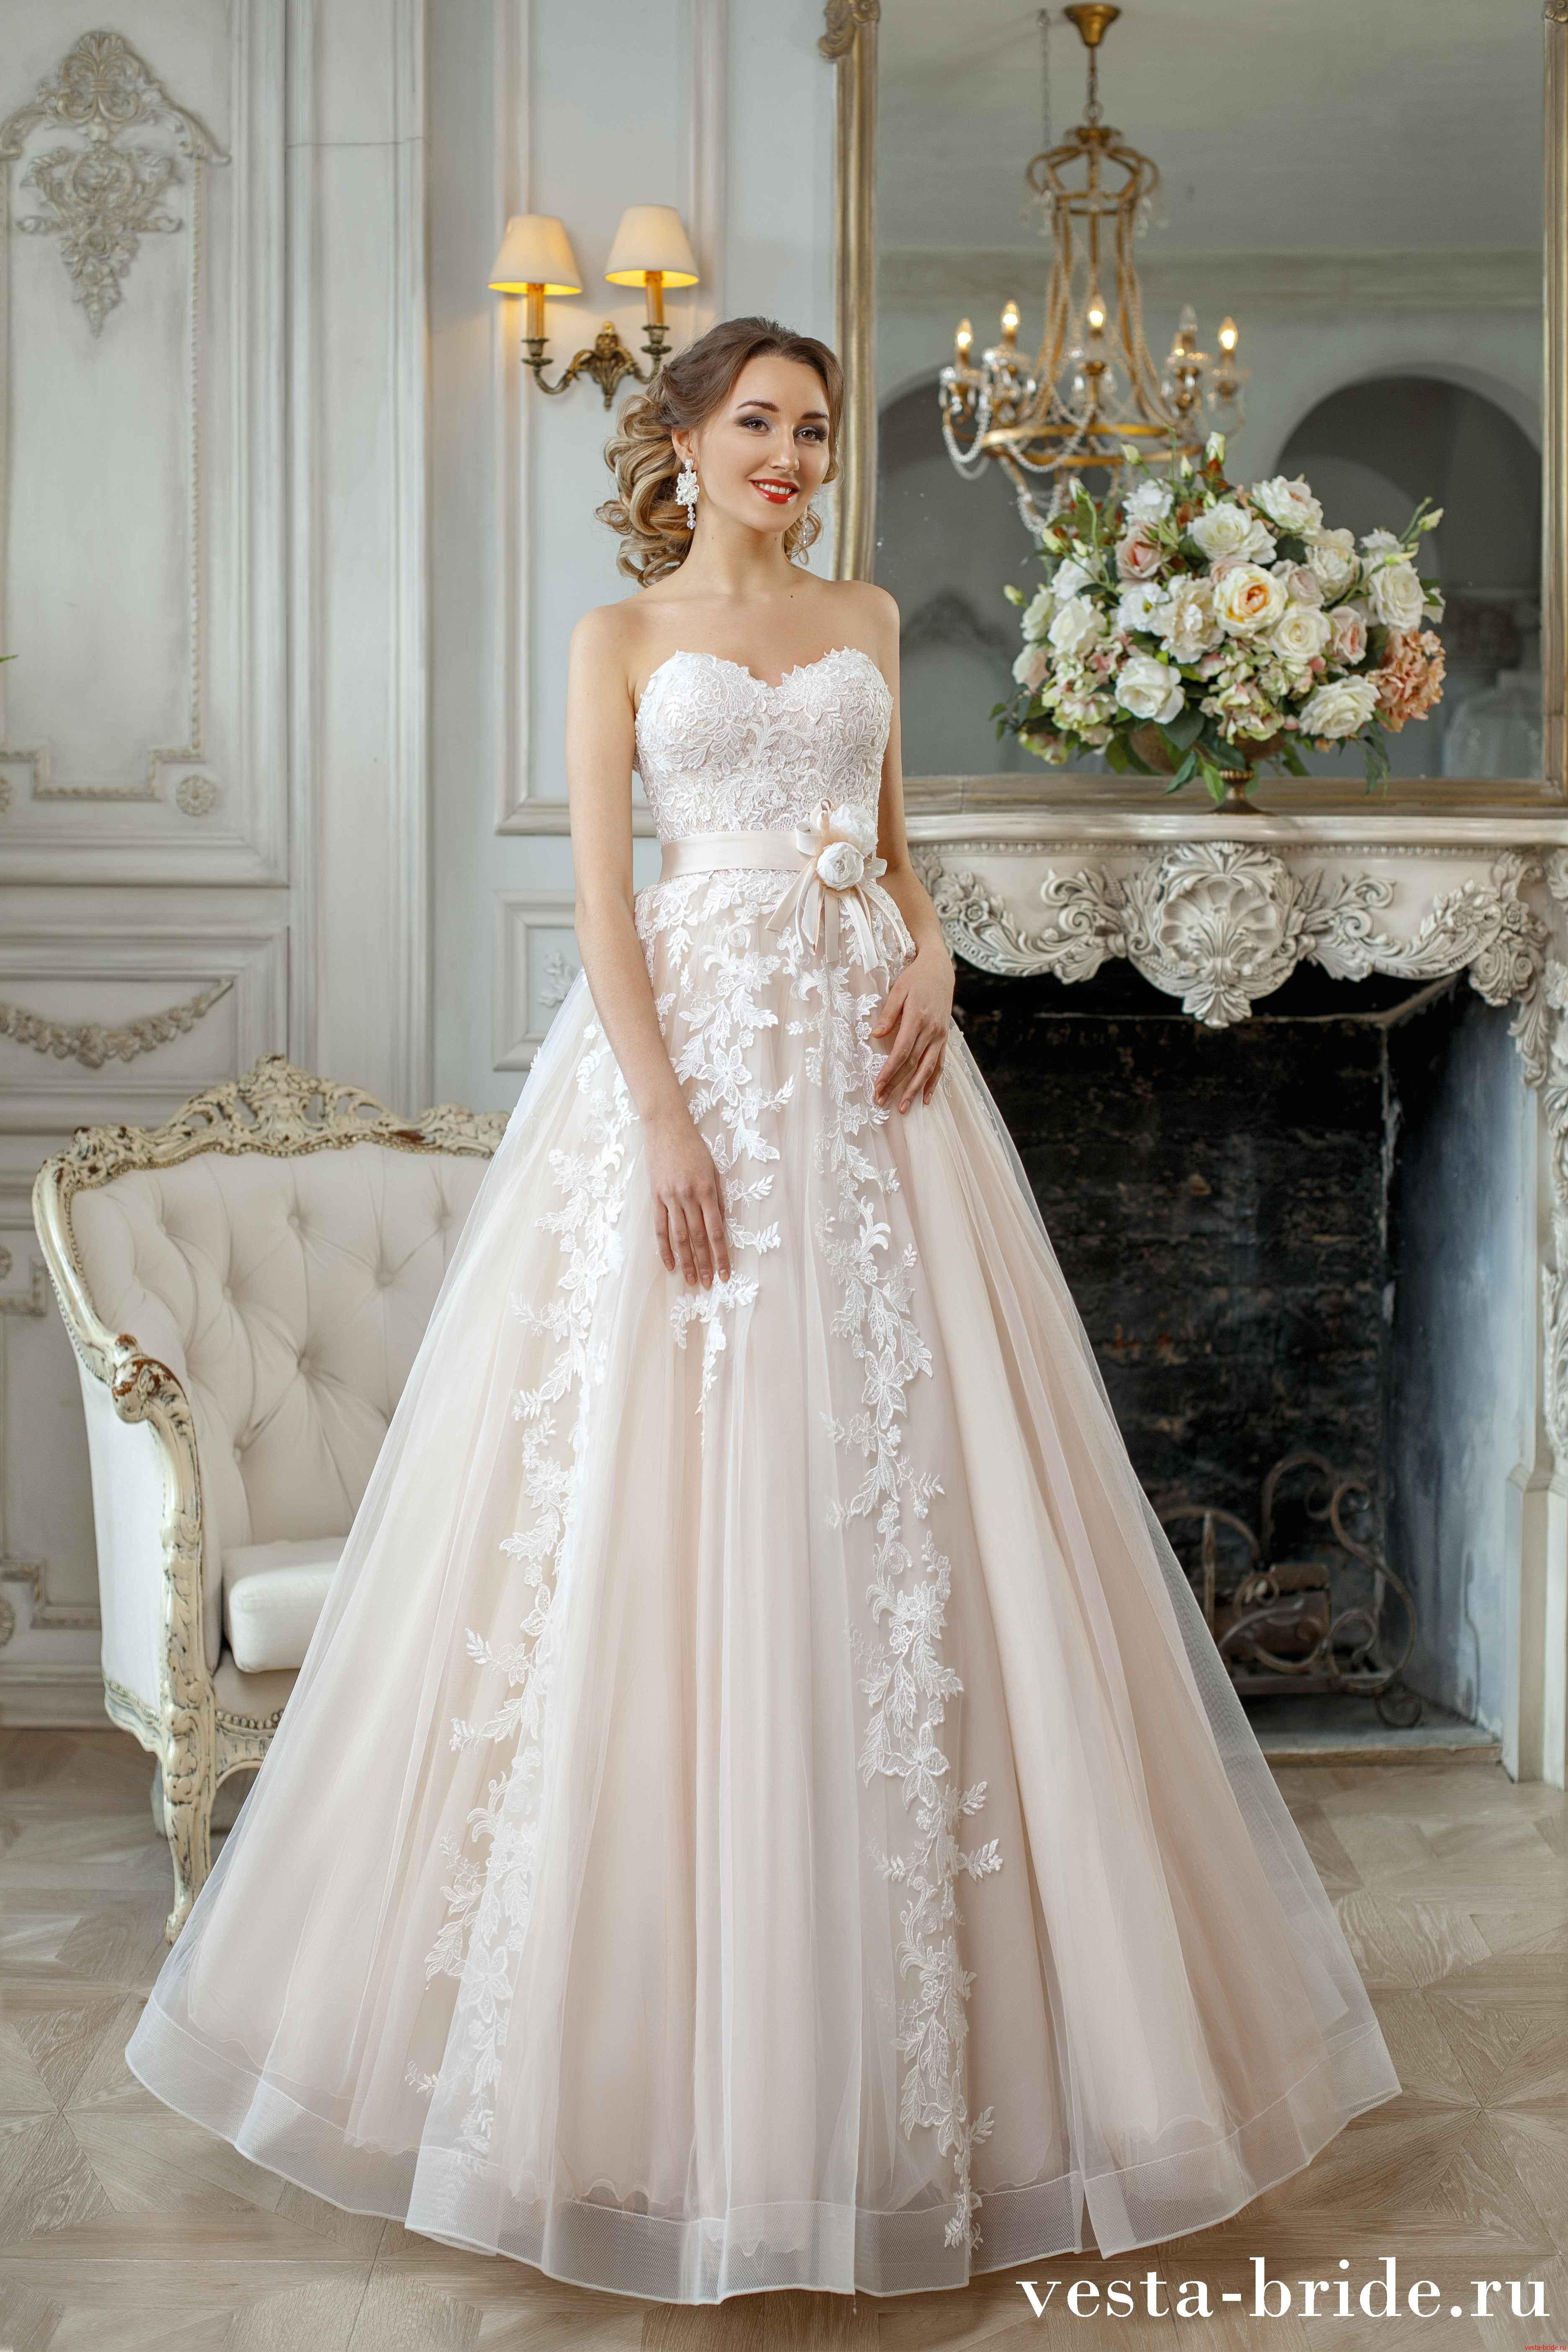 b2cc92d44ab Кружевное свадебное платье А-силуэта Monique  по лучшей цене ...